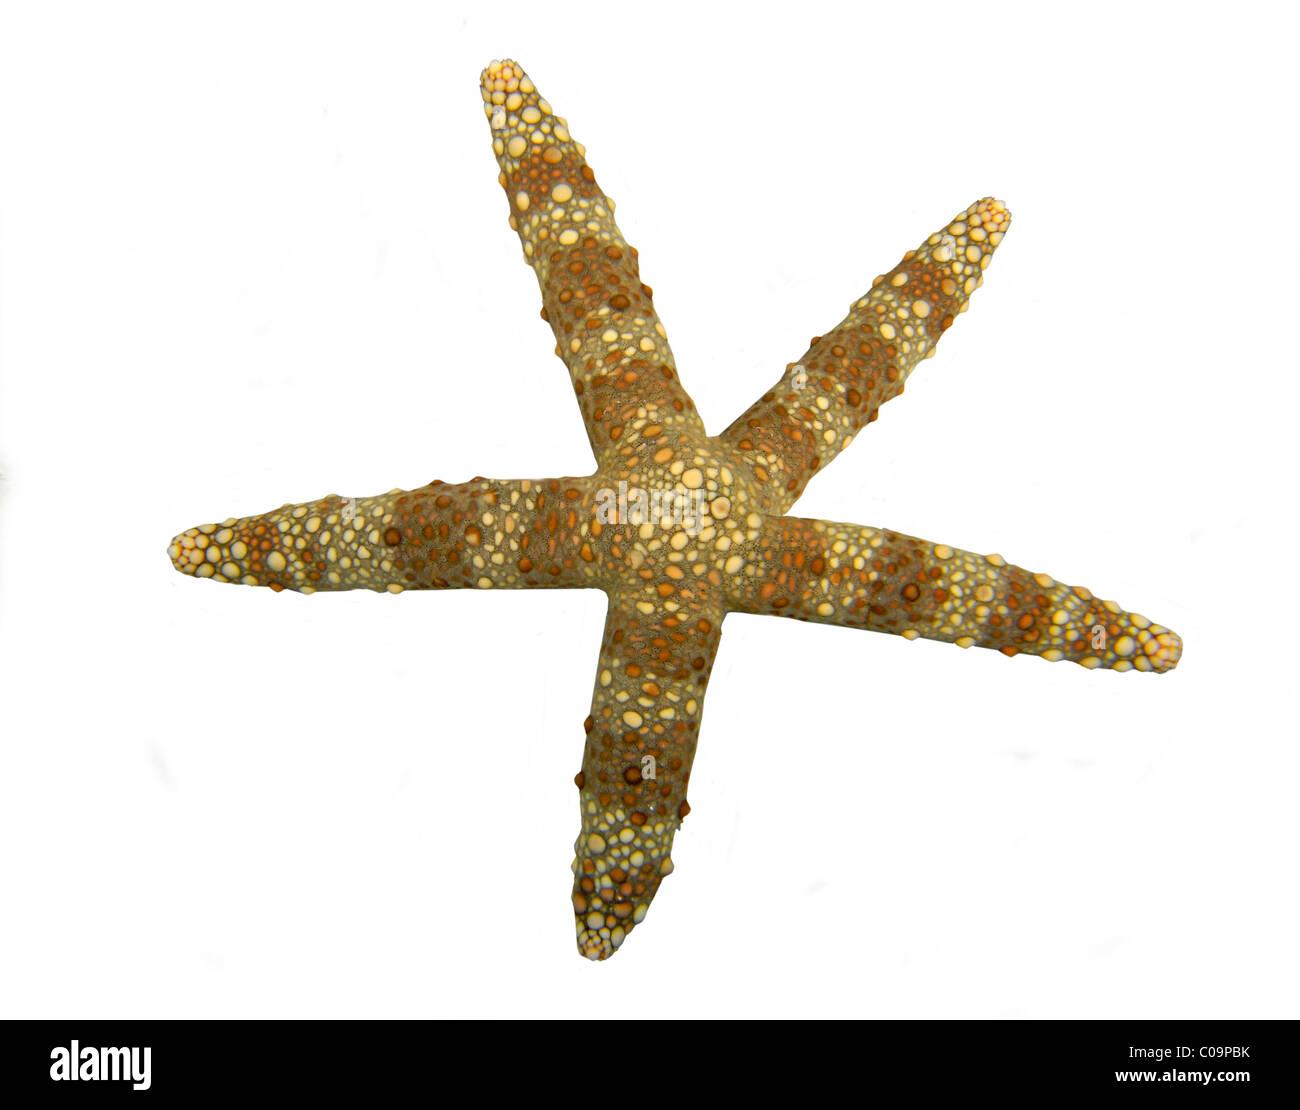 Thick-skinned sea star (Echinaster callosus) - Stock Image